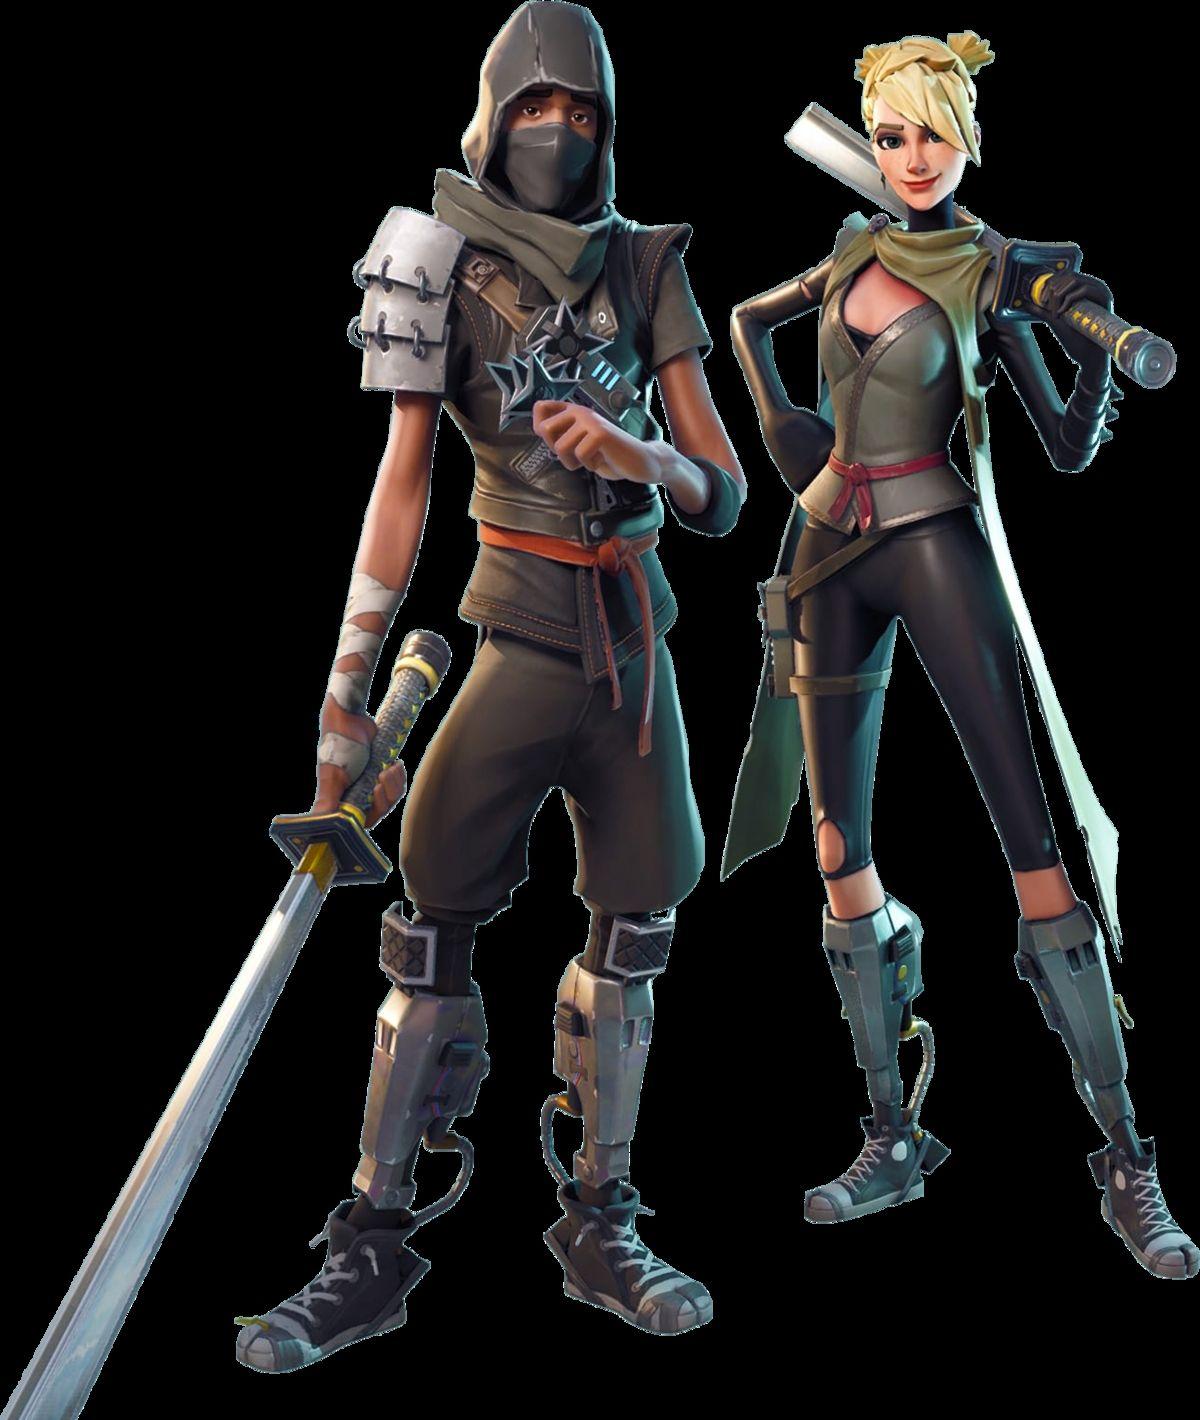 Red Jade Fortnite Skin Png Ninja Fortnite Wiki Di 2020